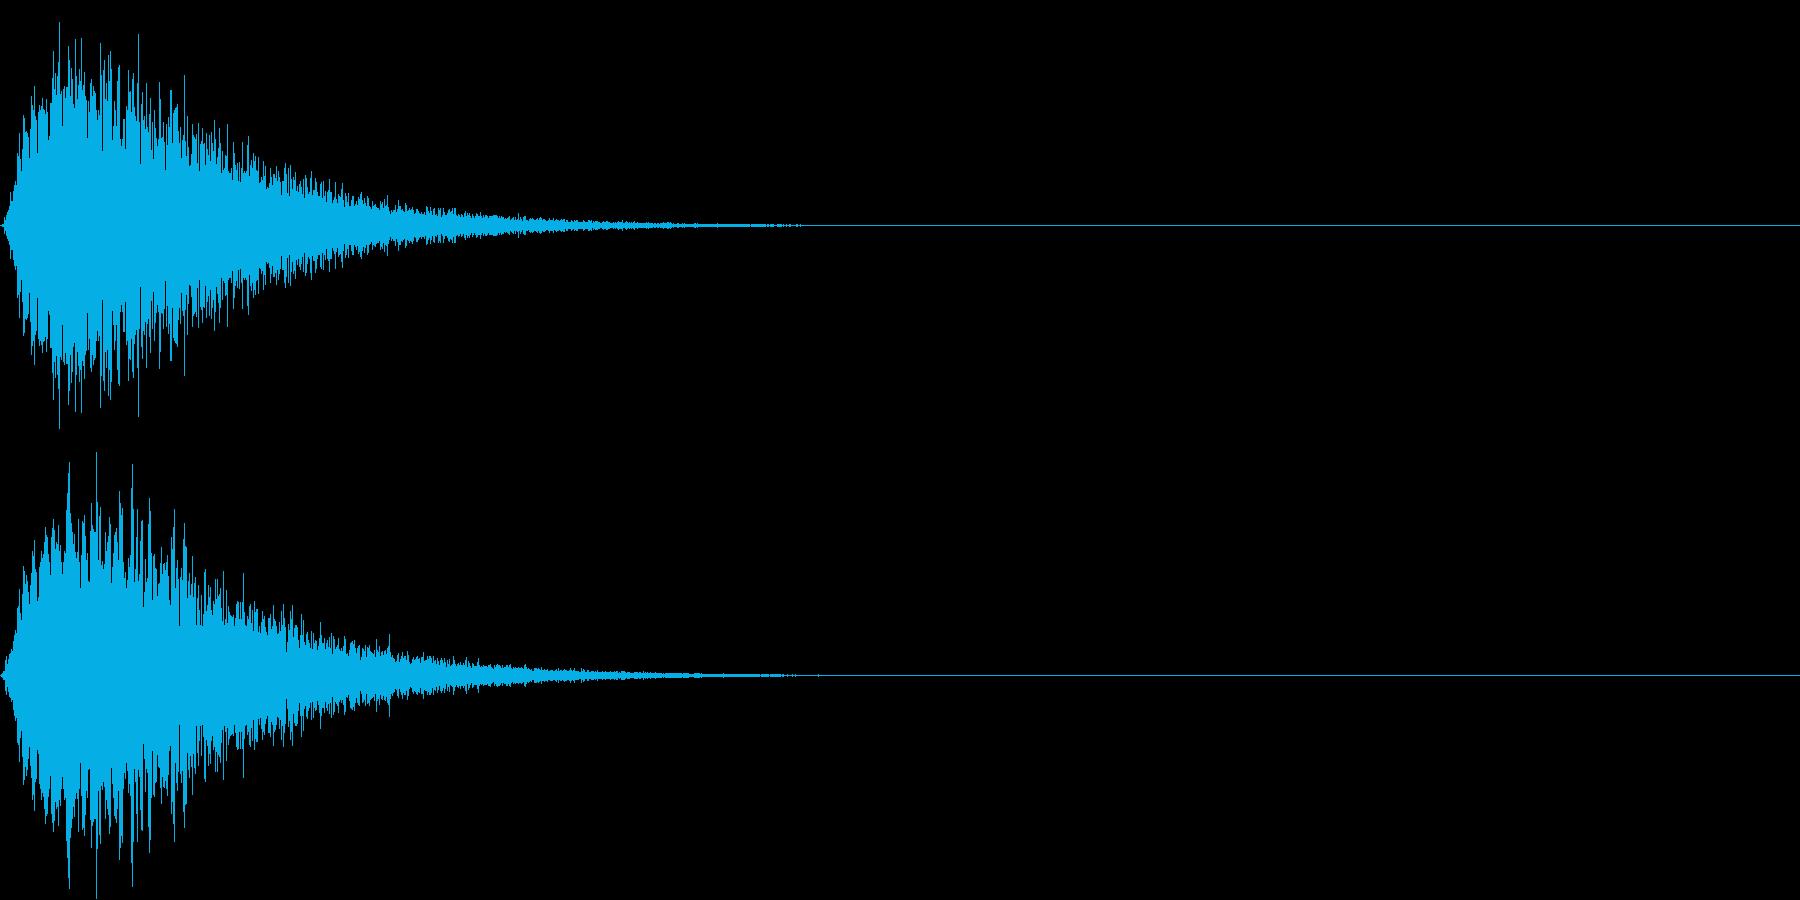 キュイン ボタン ピキーン キーン 7の再生済みの波形